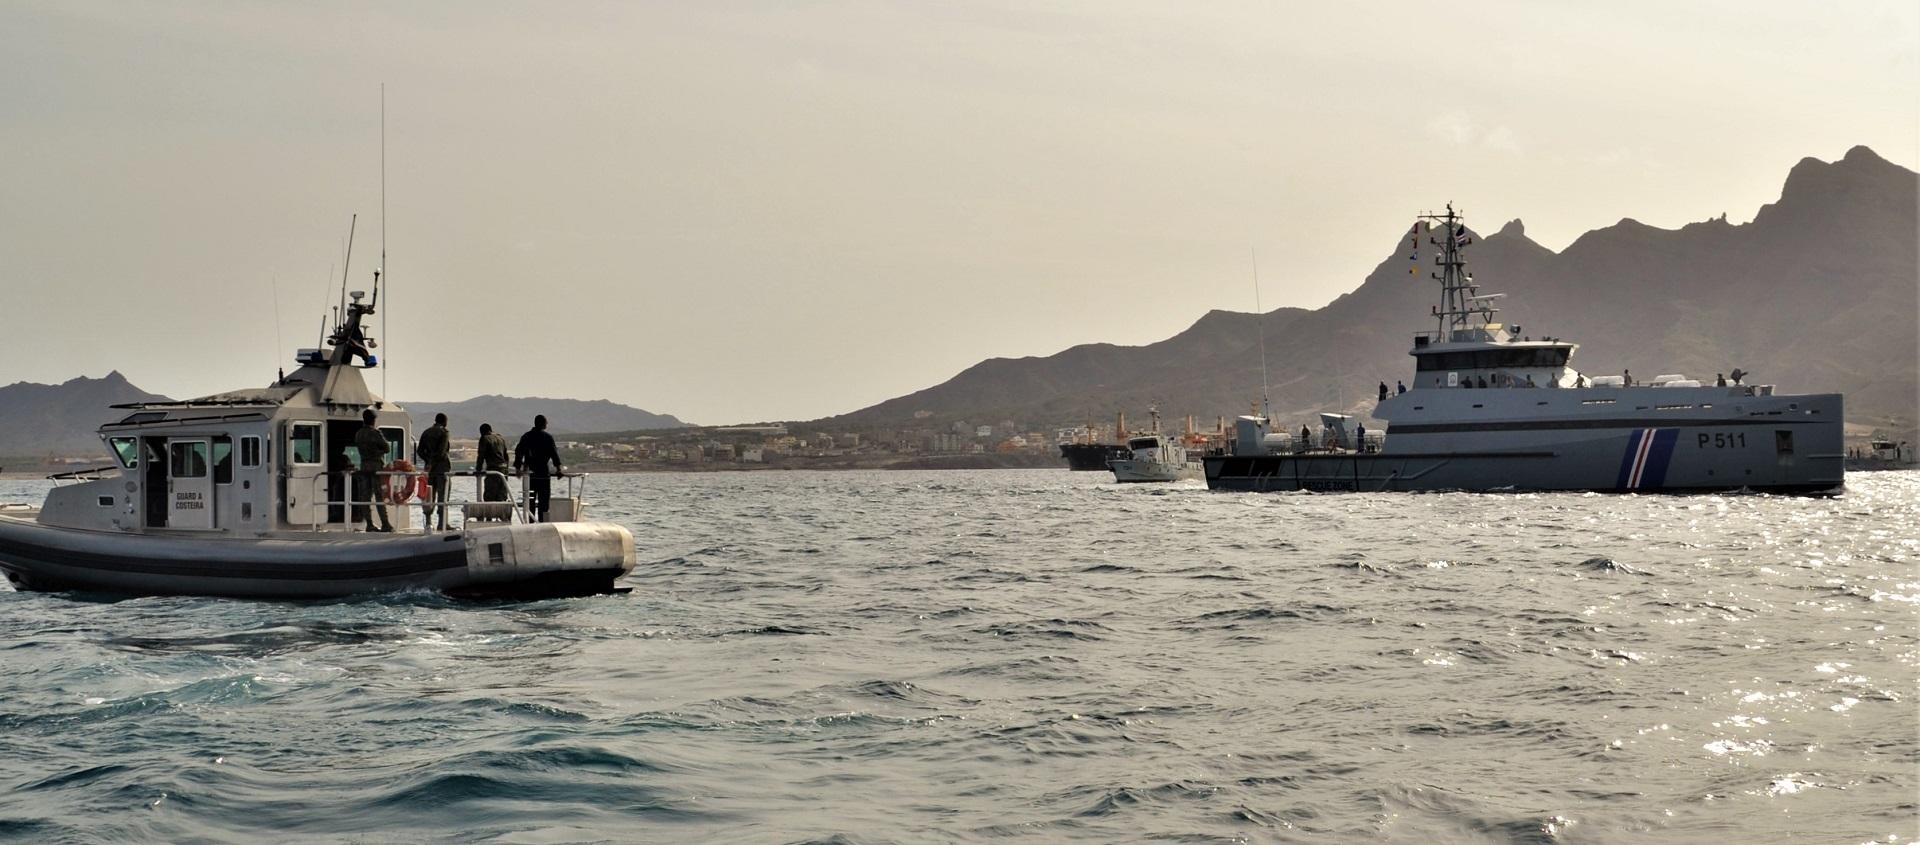 Segurança Marítima na Macaronésia e no Golfo da Guiné: Situação de Cabo Verde (2ª Parte)